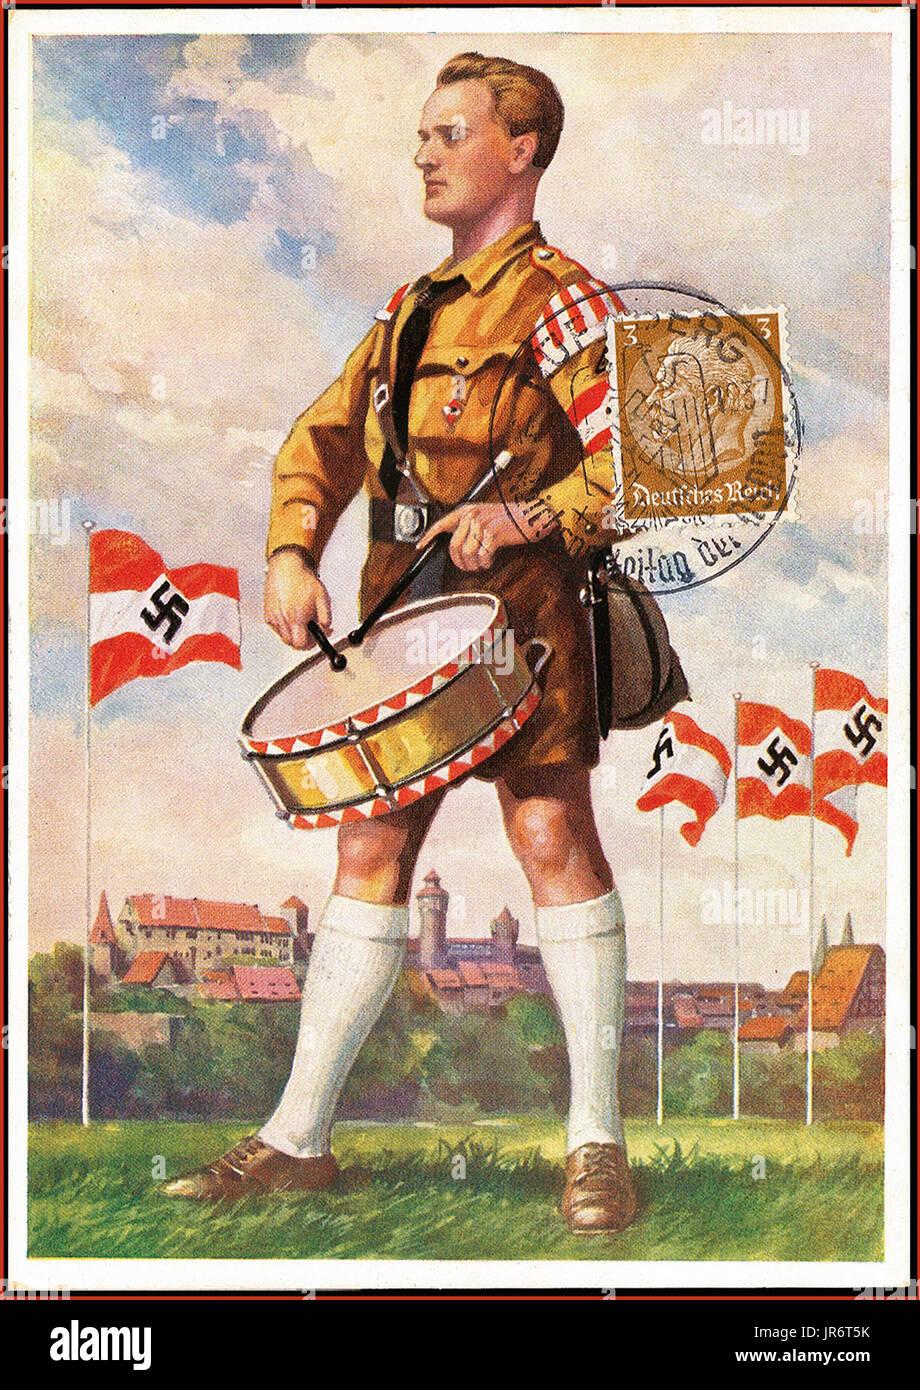 La propagande nazie des rassemblements de Nuremberg 1937 Pre-War Reich Nazi Party jour Carte de propagande, illustrant la jeunesse hitlérienne batteur sur parade ground, timbre apposé en date du 14.9.37 Nuremberg Photo Stock